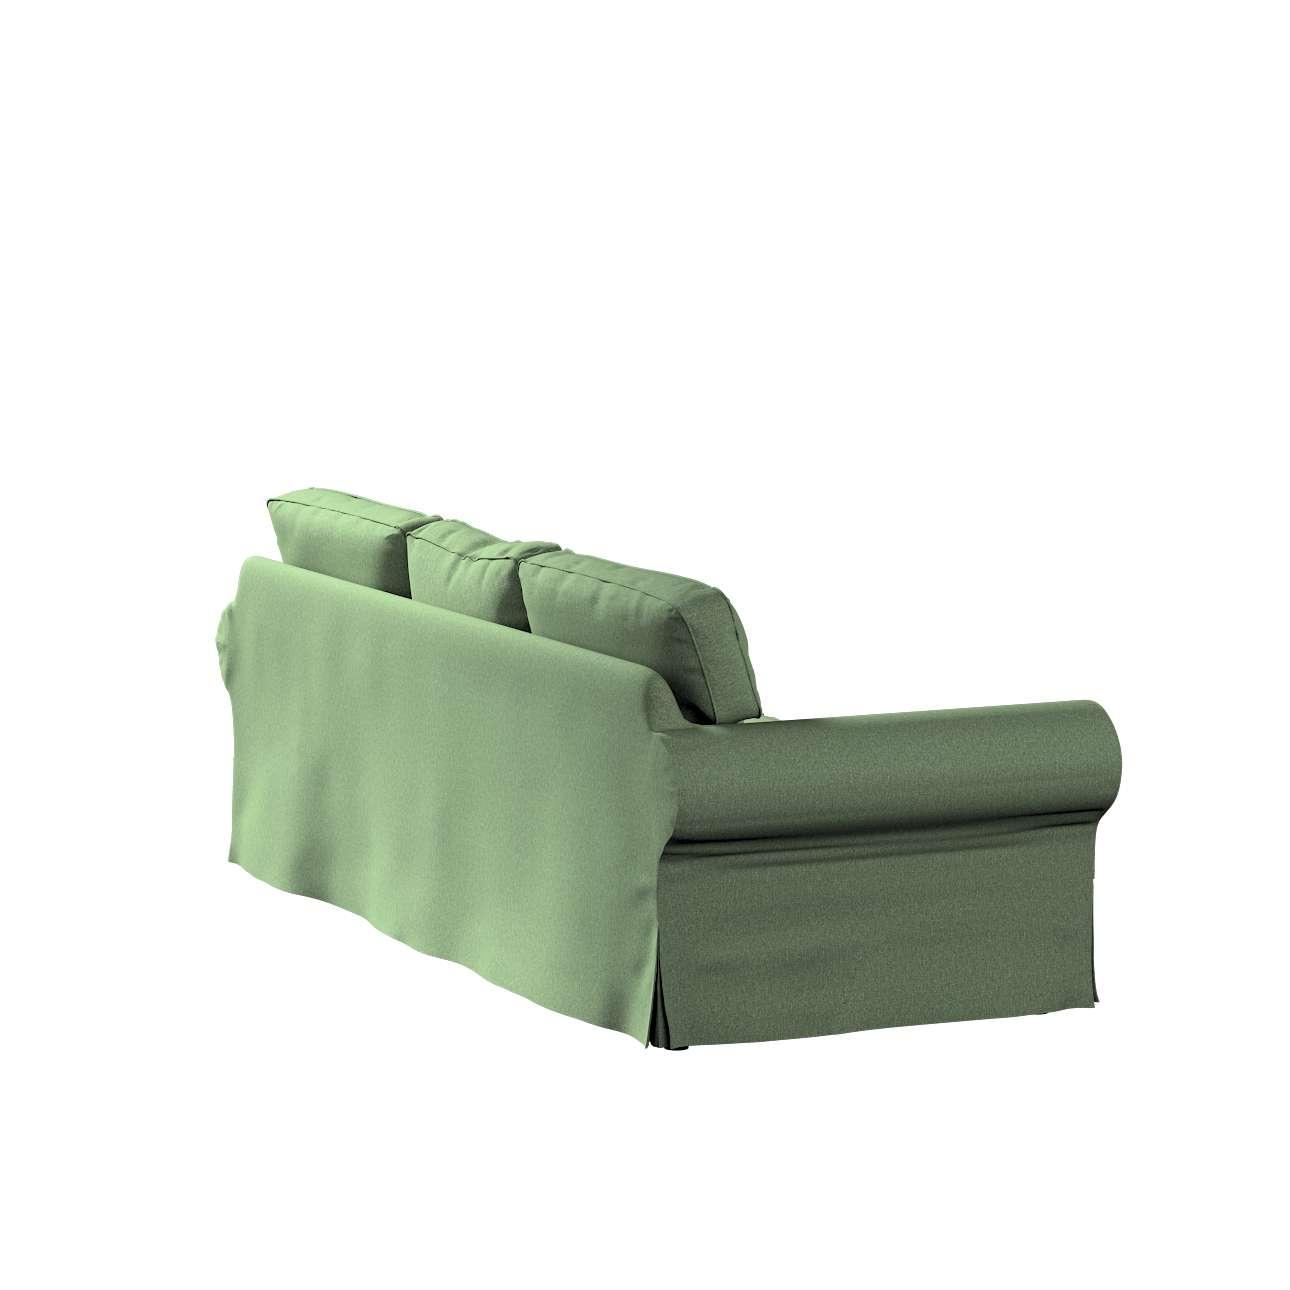 Bezug für Ektorp 3-Sitzer Sofa nicht ausklappbar von der Kollektion Amsterdam, Stoff: 704-44